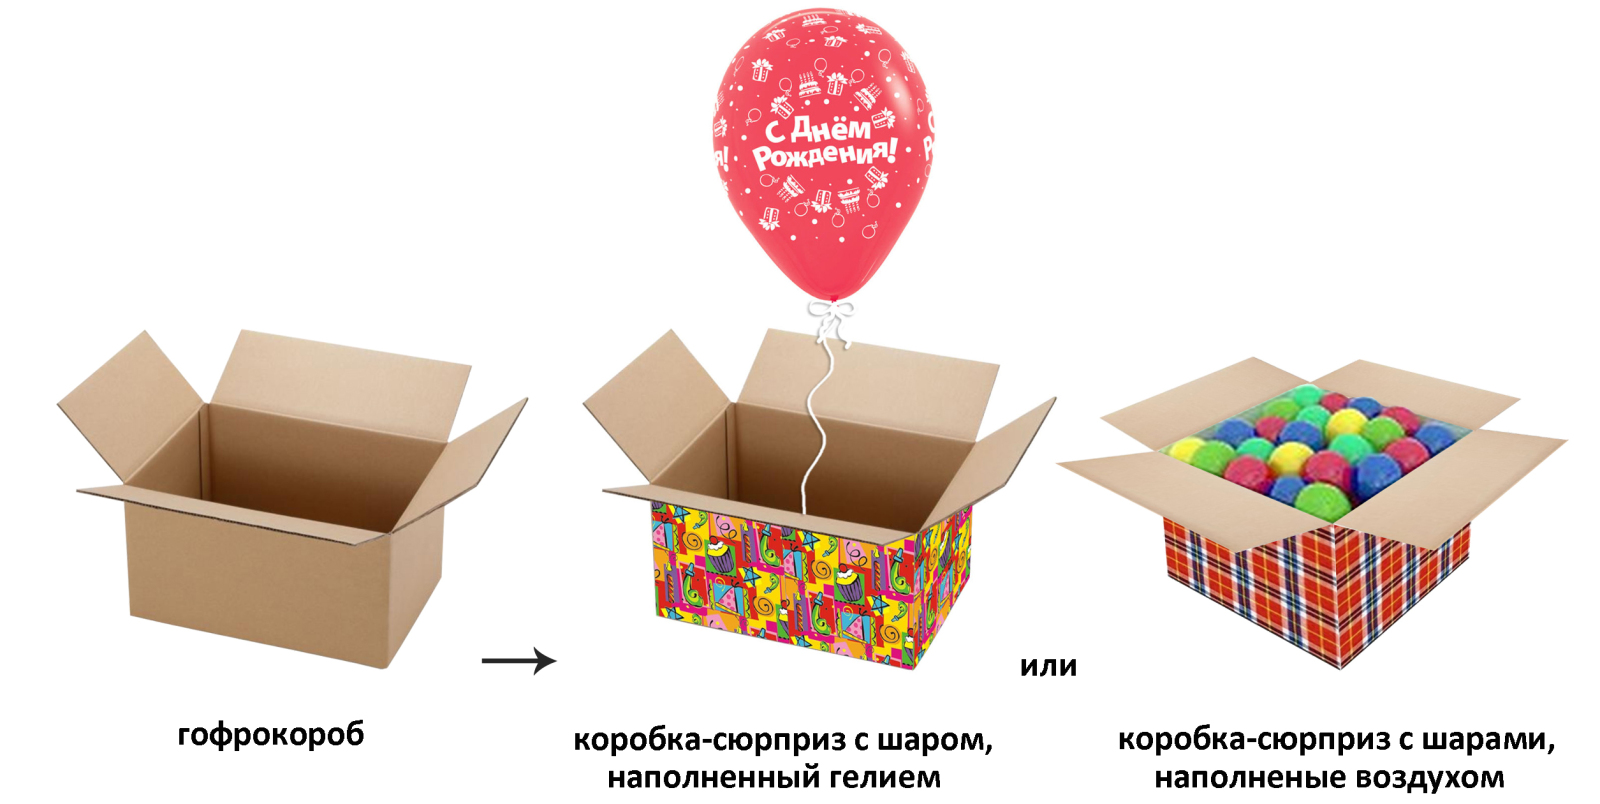 Как сделать большие коробки для подарка своими руками